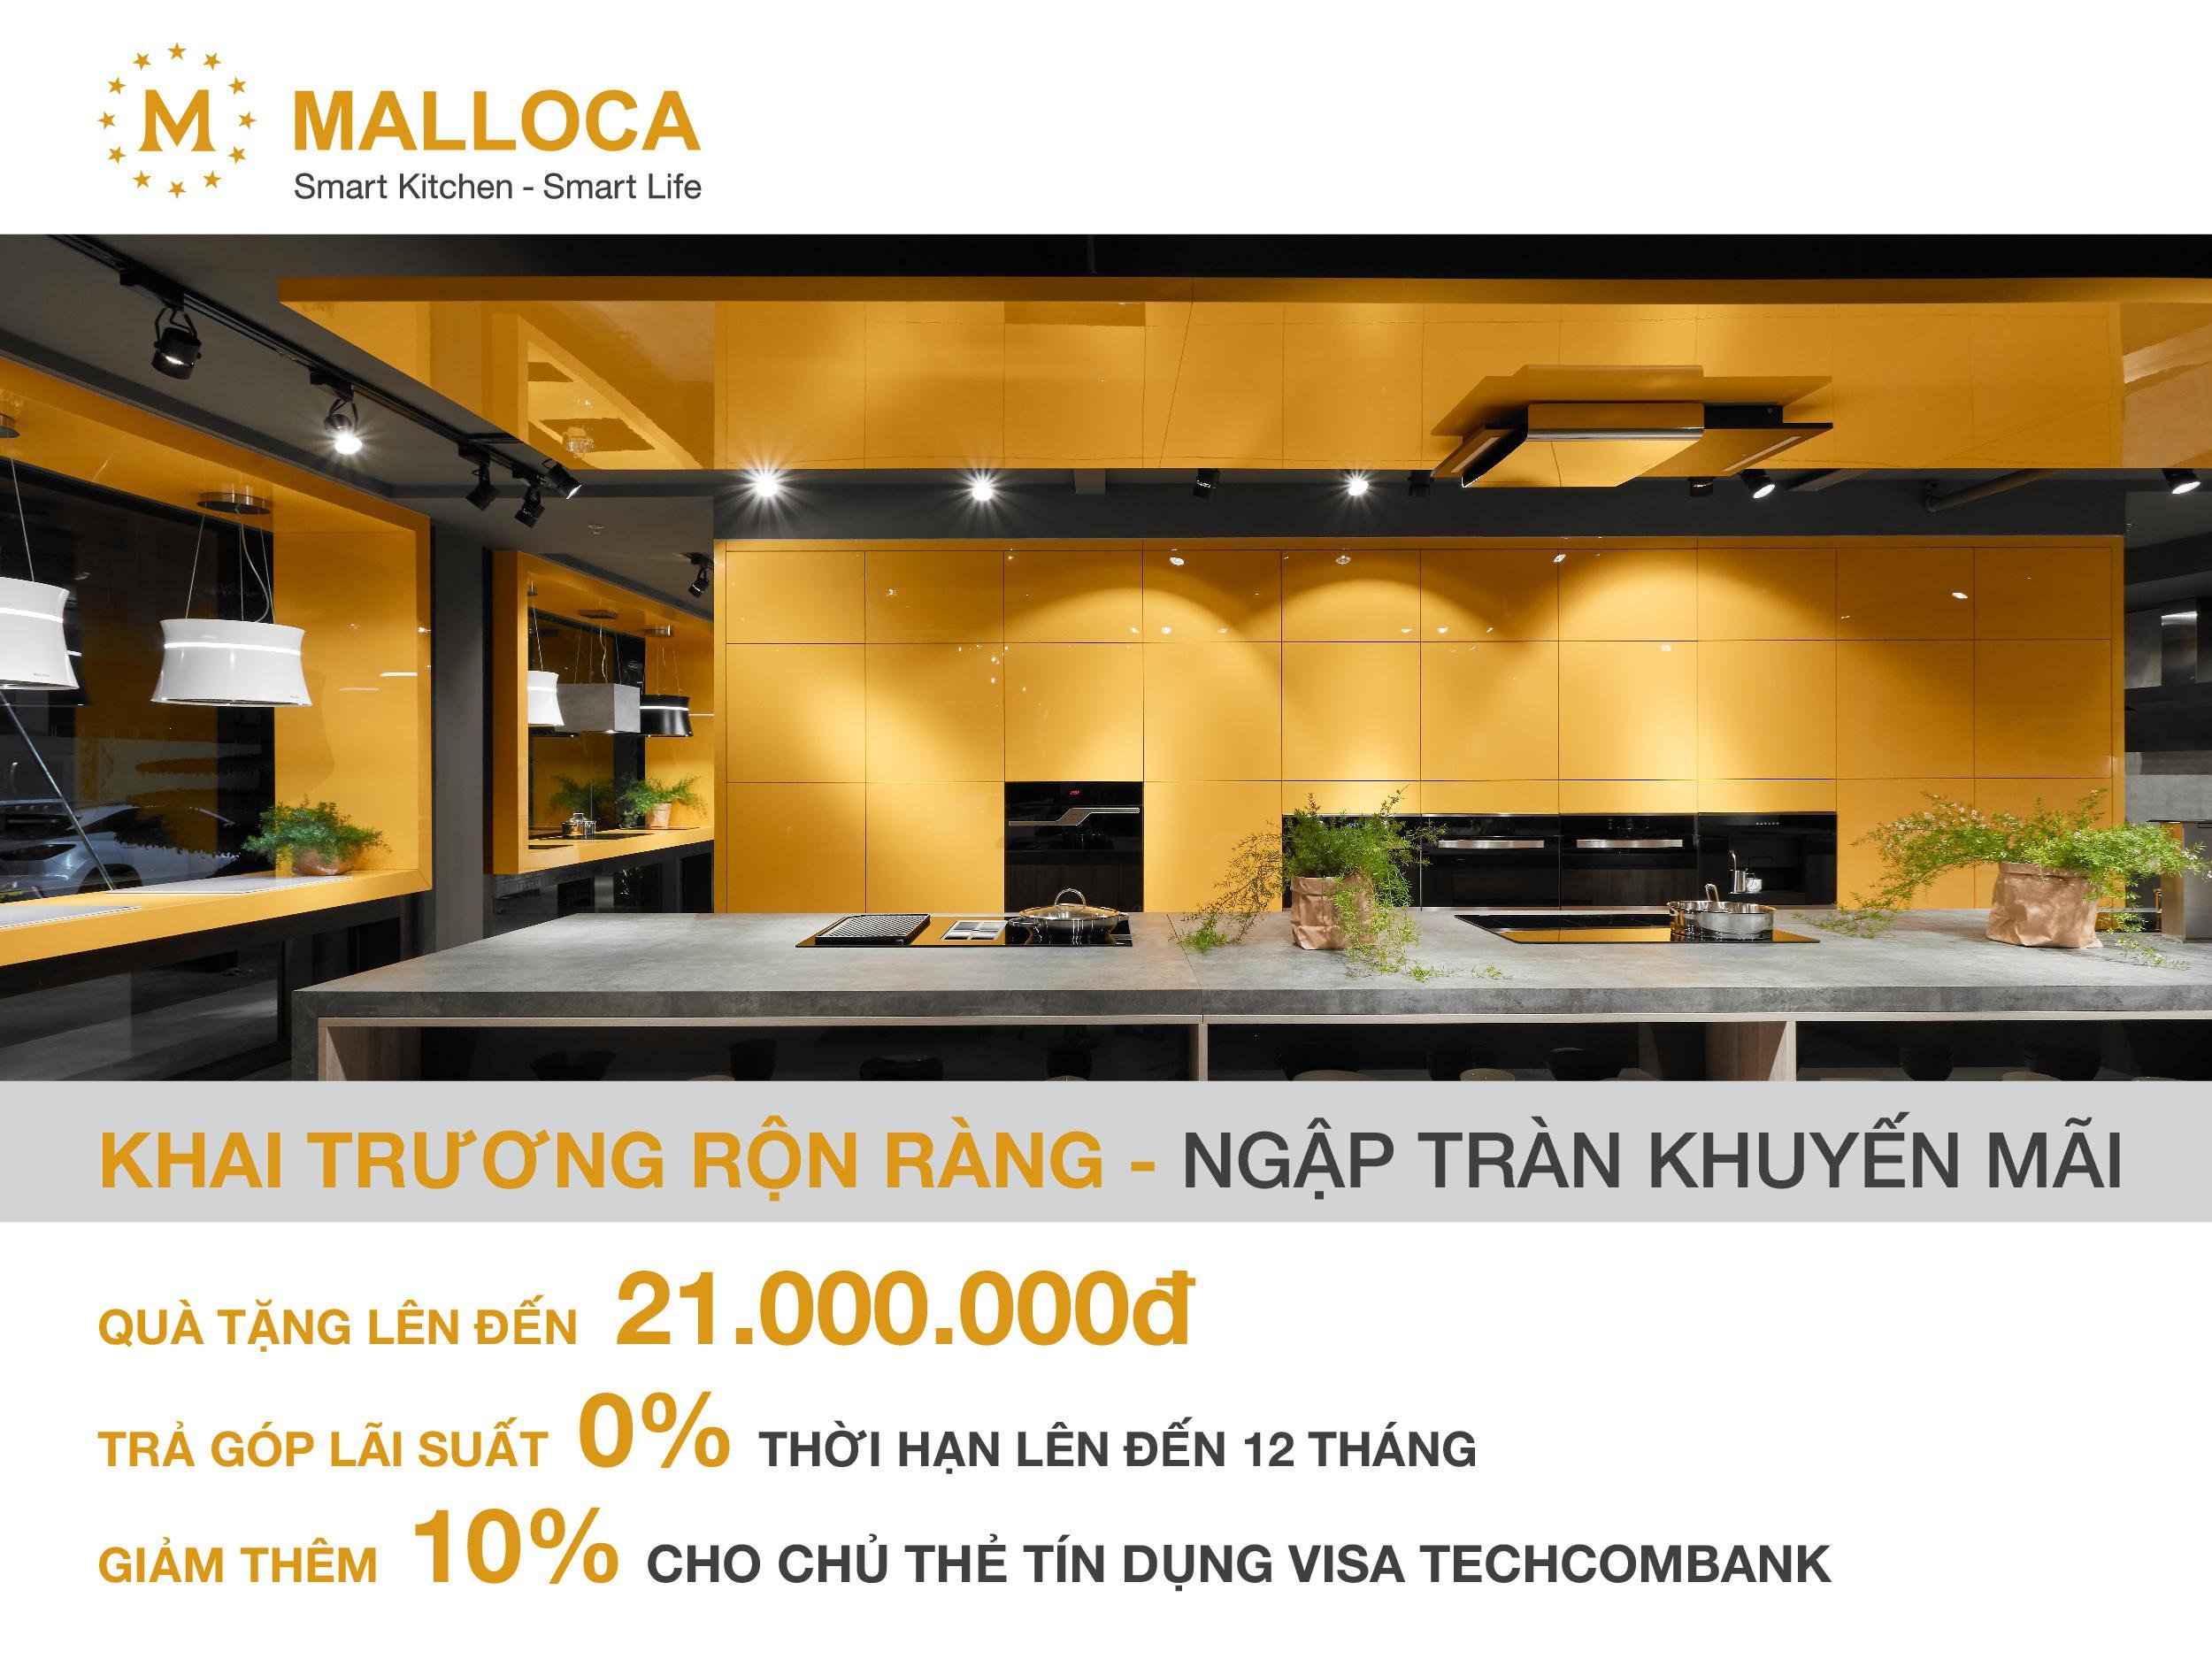 Tân trang nhà bếp với chương trình ưu đãi cho chủ thẻ Techcombank